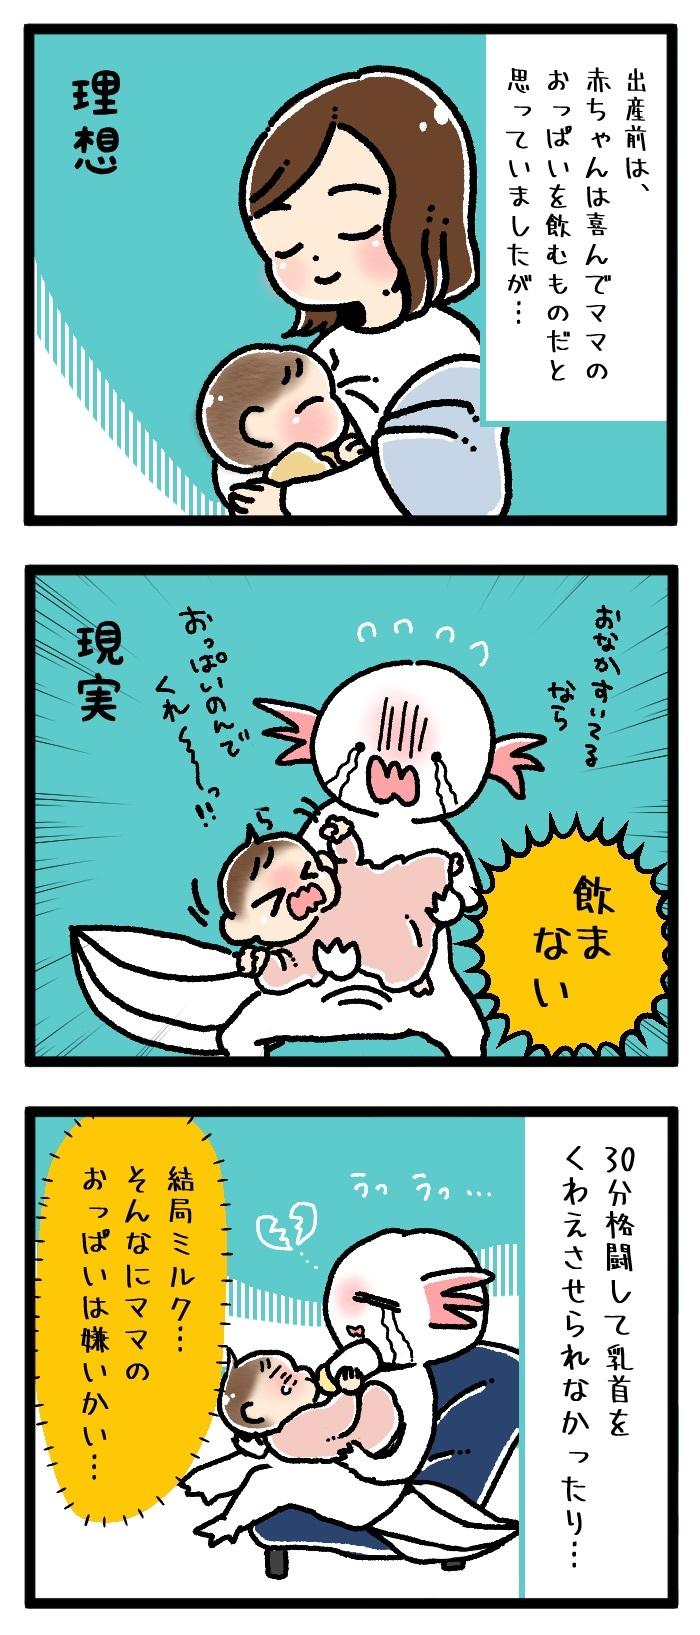 全然飲まない..授乳に苦戦、乳頭混乱になっていた娘の話の画像1